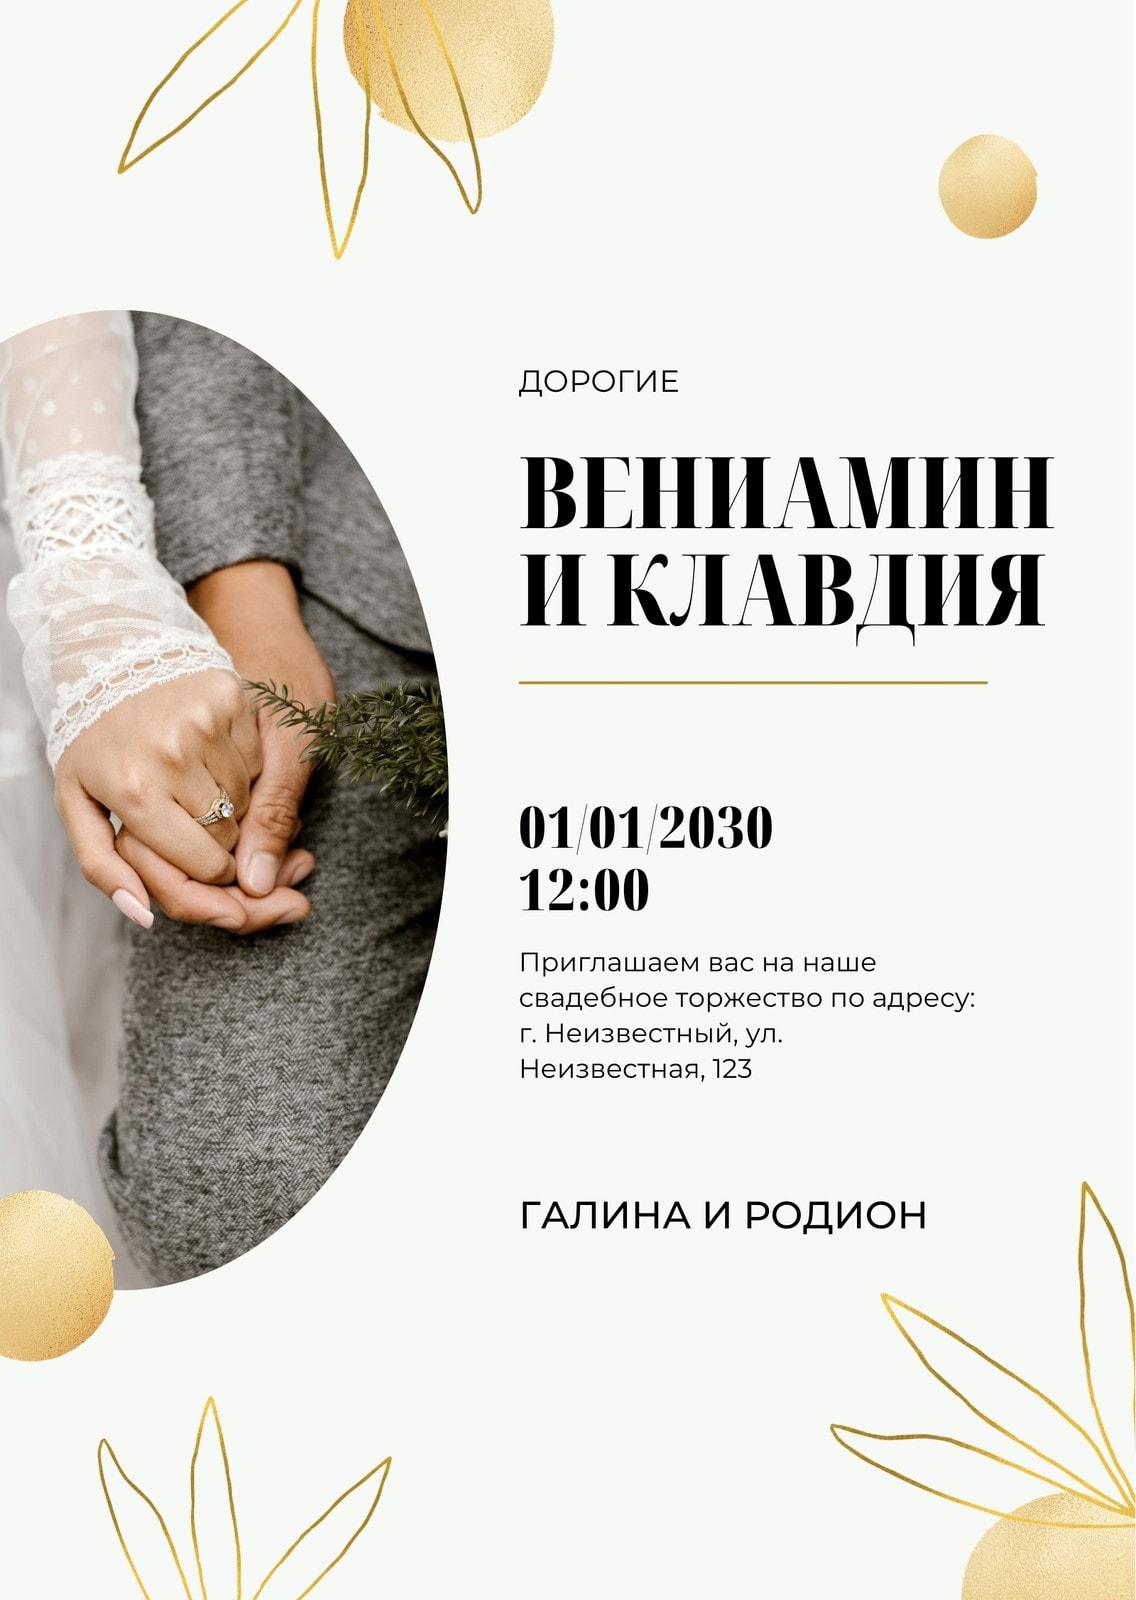 Белое приглашение на свадьбу с золотым цветочным рисунком и фотографией